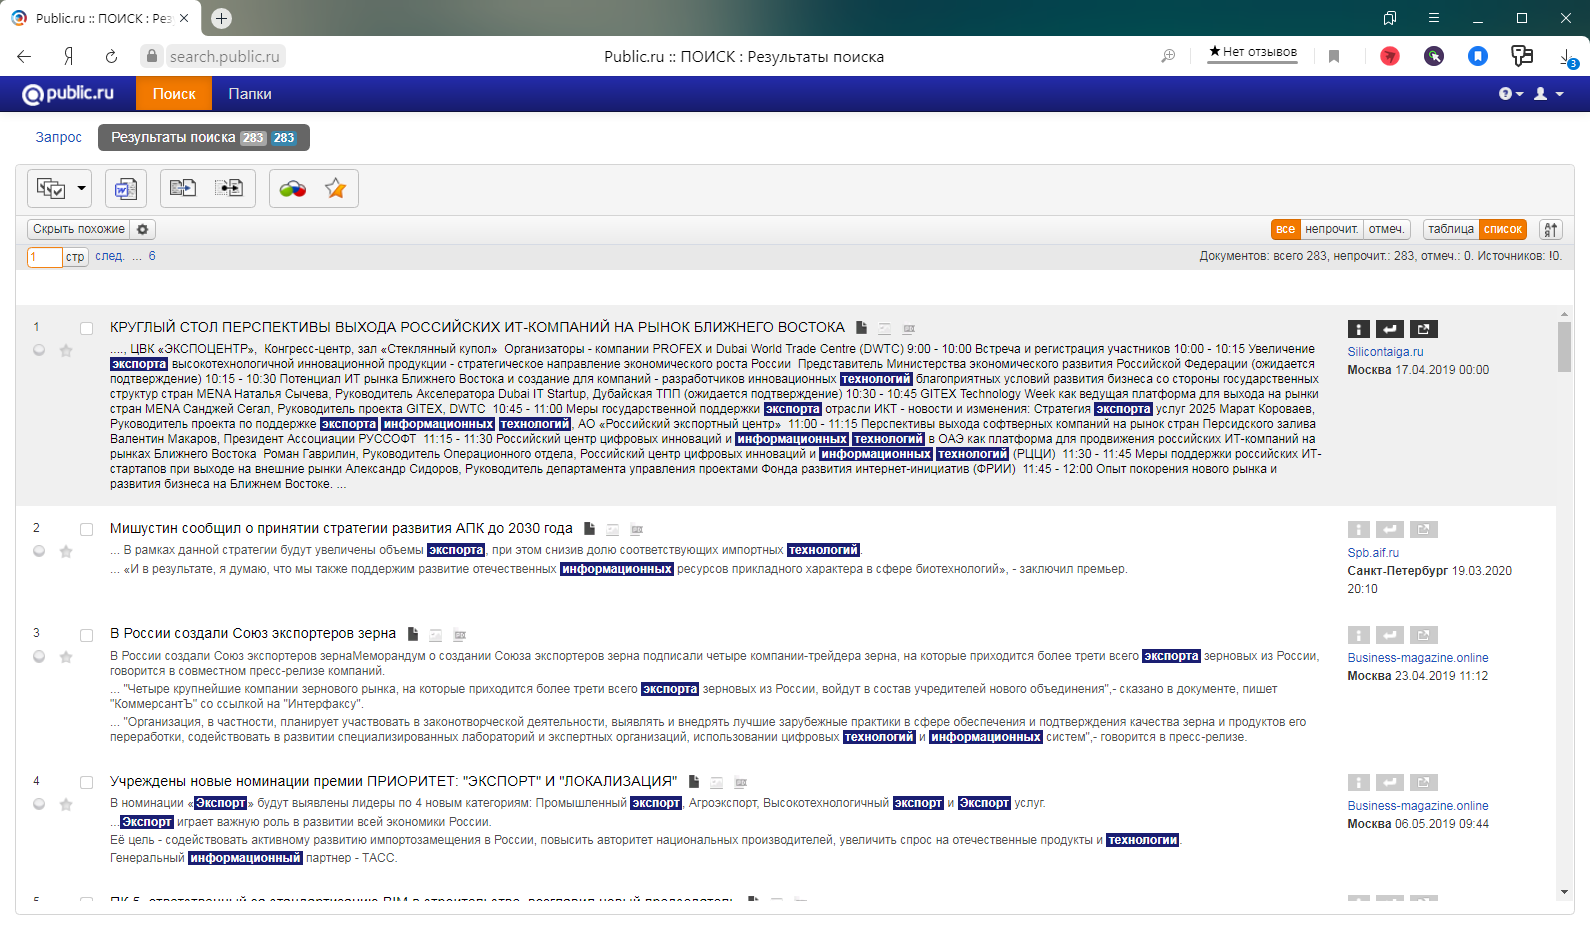 Просмотр сообщений СМИ в системе мониторинга и анализа СМИ Public.Ru